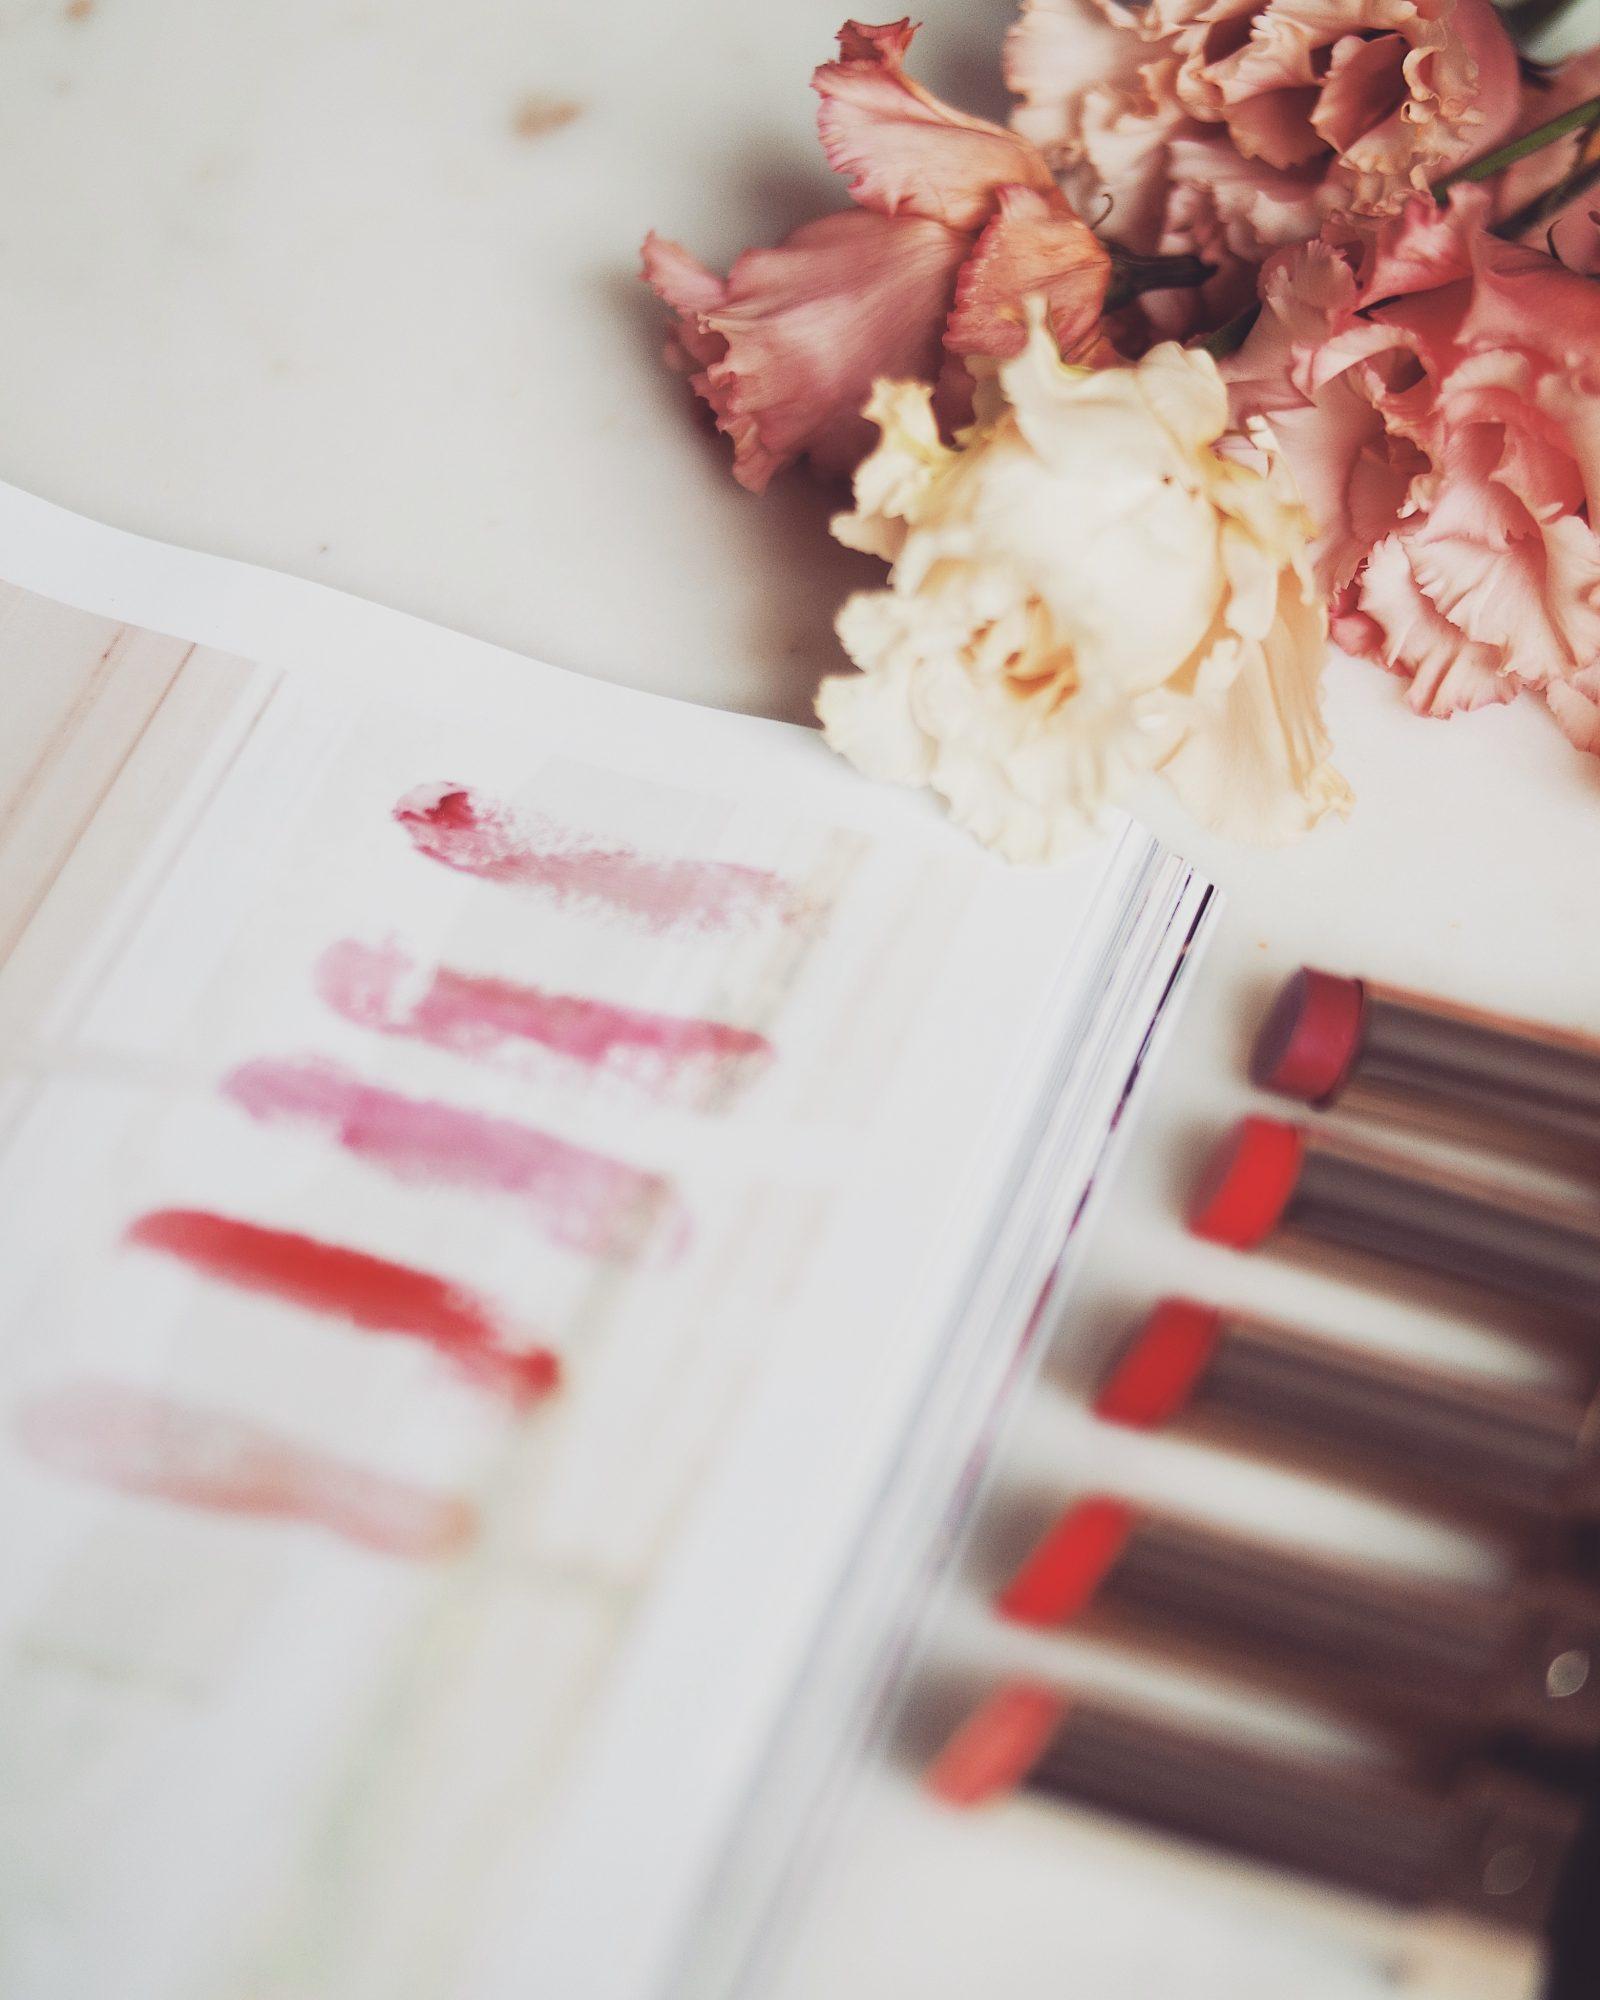 Dolce & Gabbana Miss Sicily Lipstick Swatches